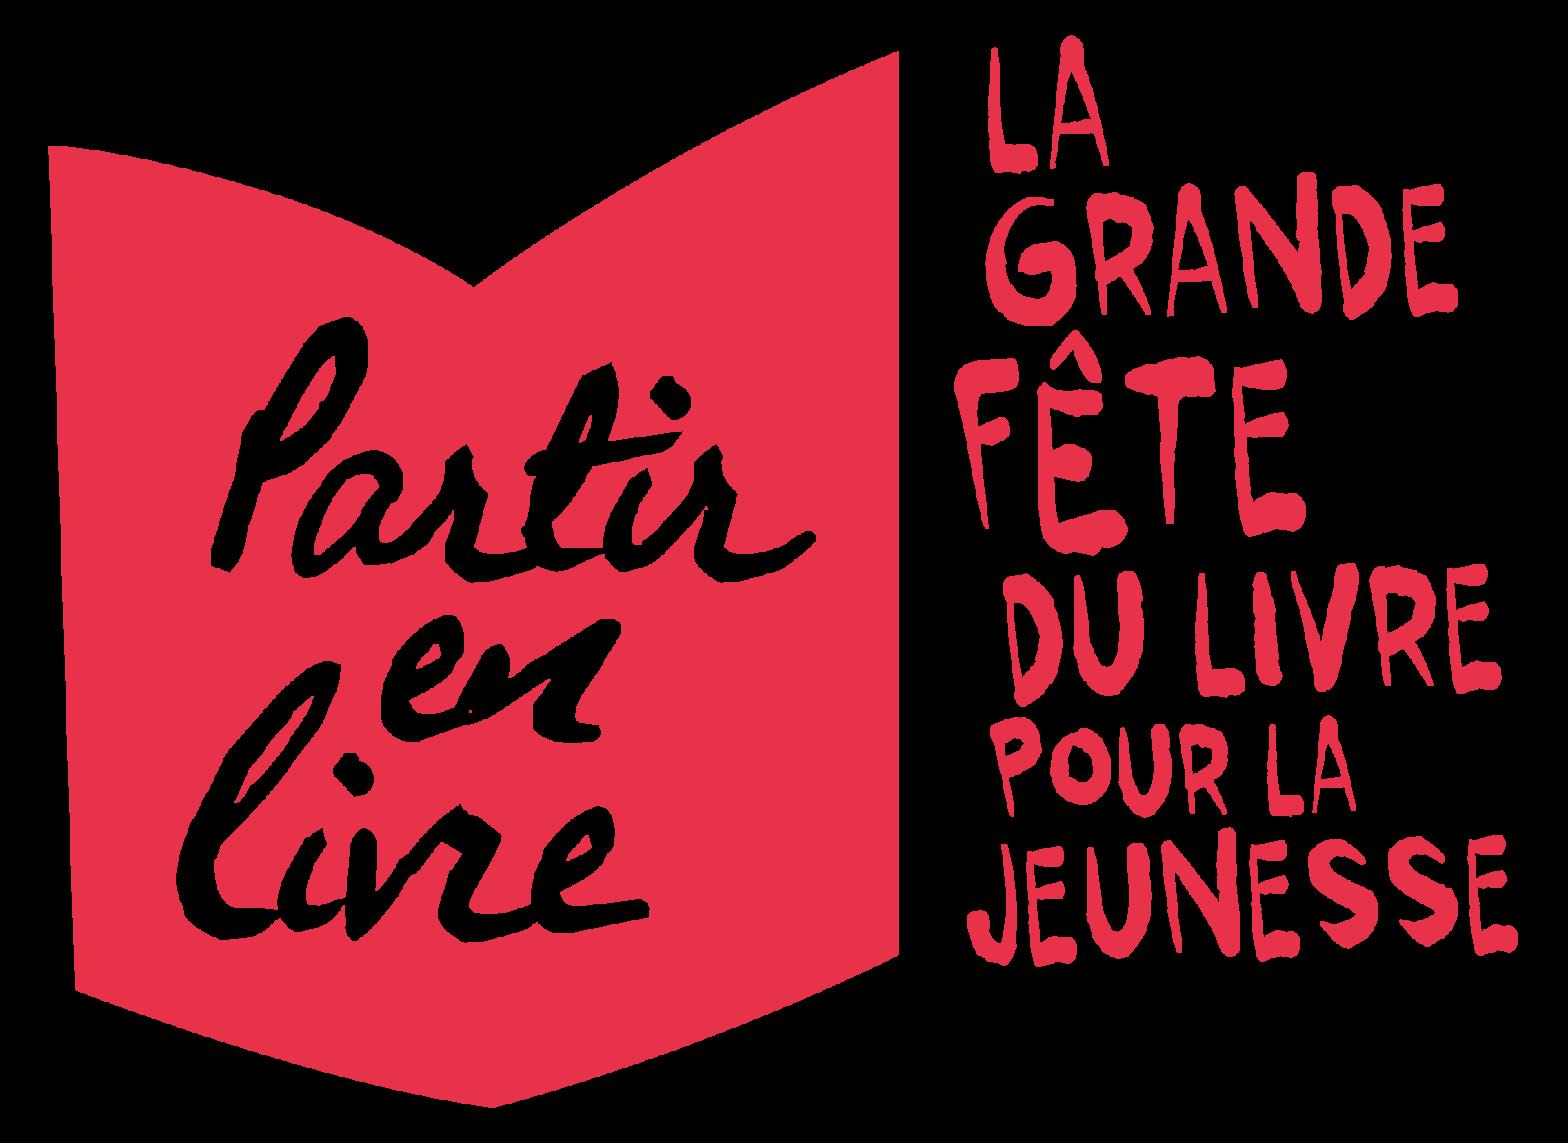 Partir en livre 2019 : lectures, ateliers et rencontres avec Val de Lire